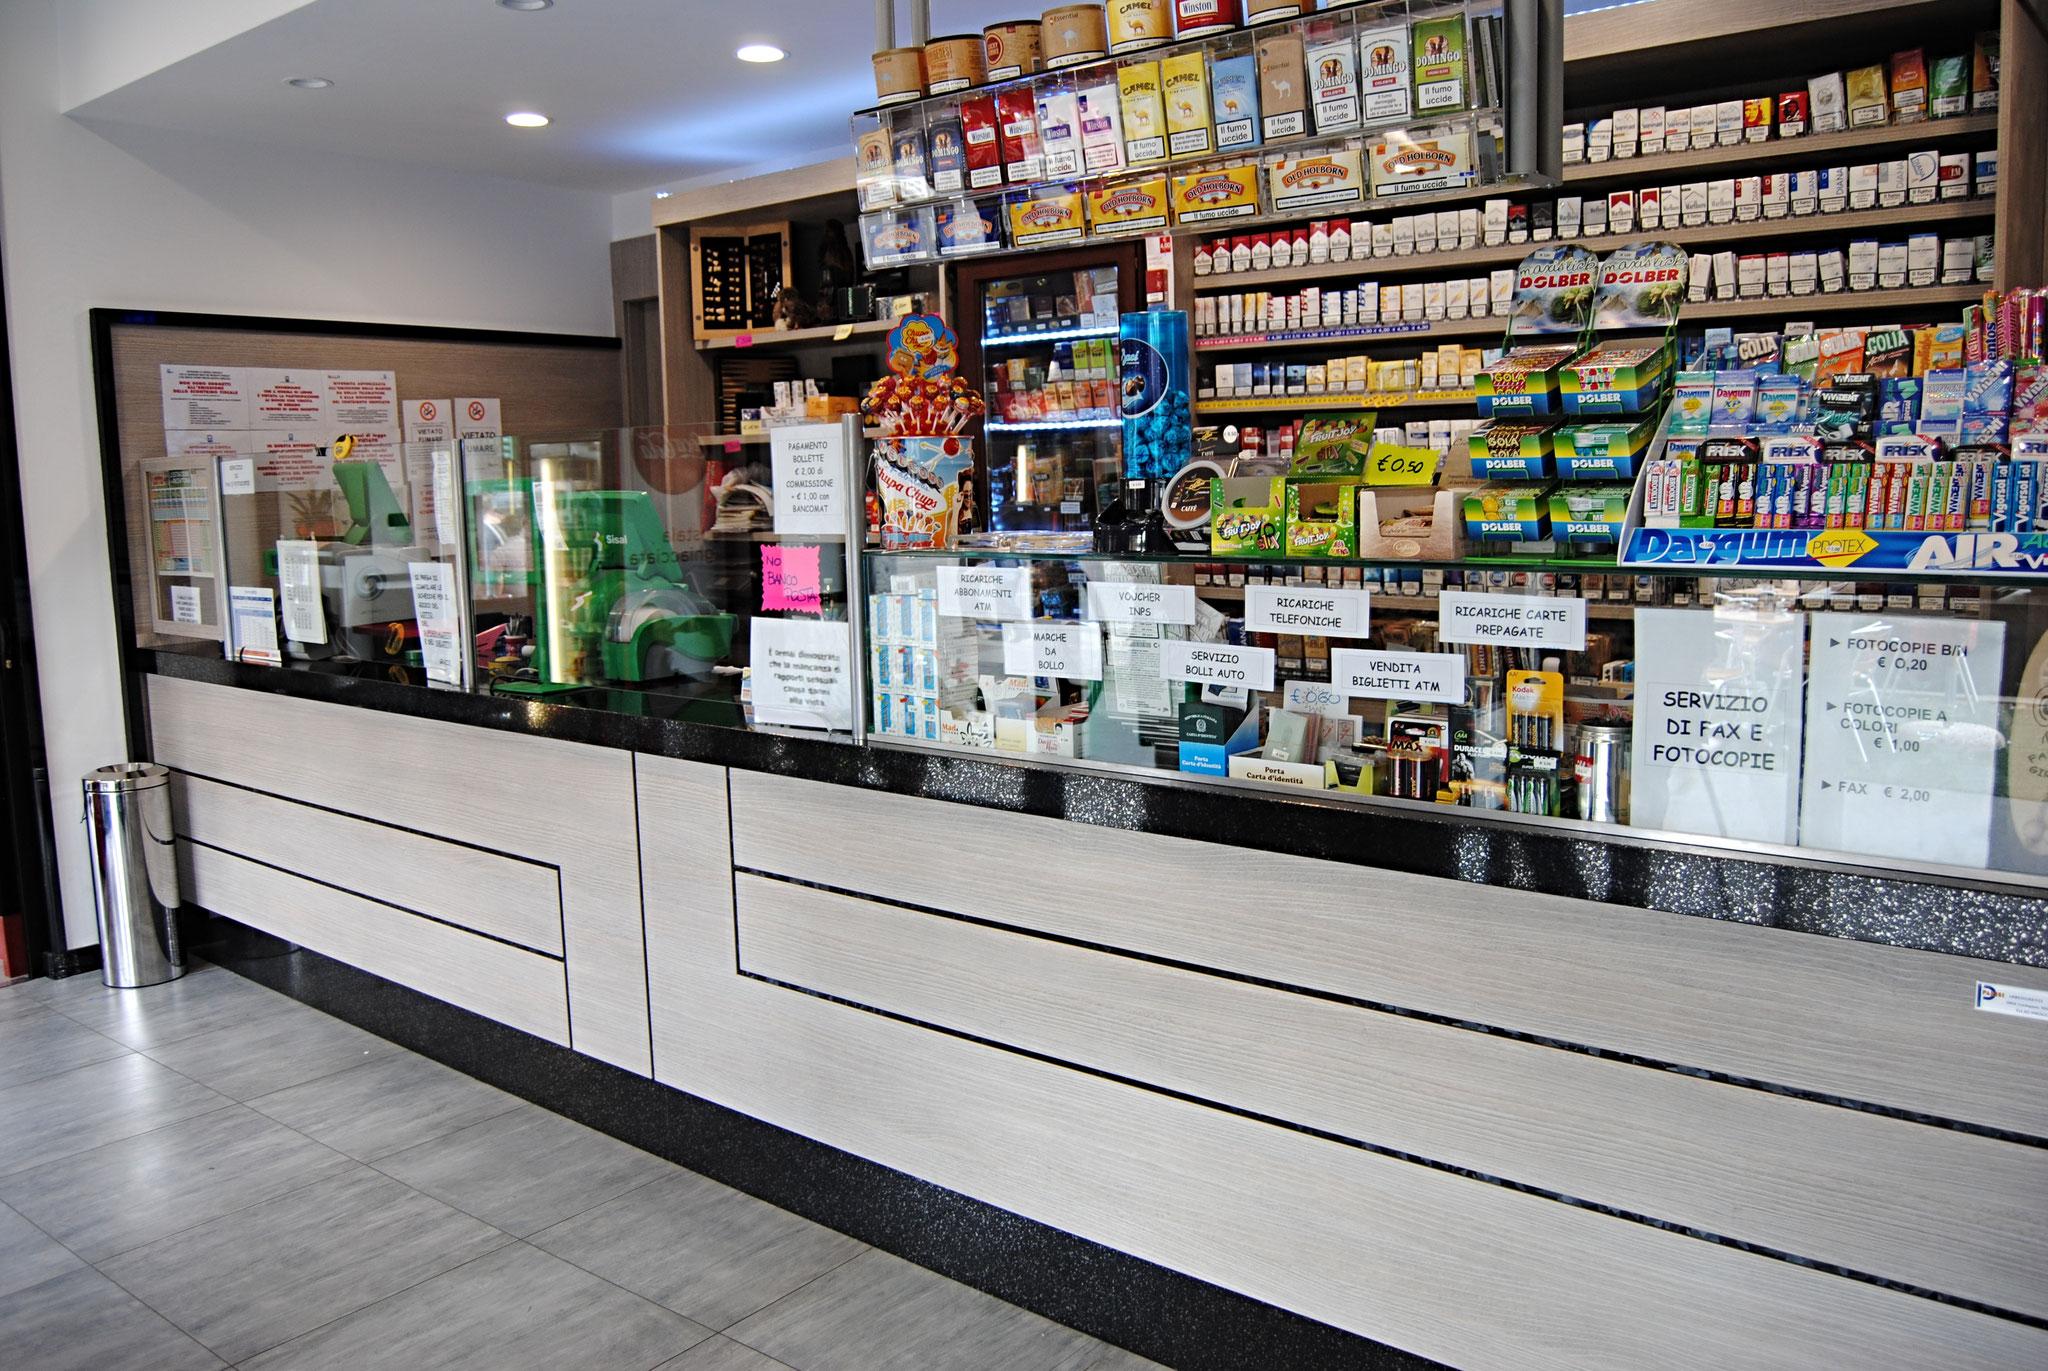 Arredamenti per bar arredamenti per tabaccherie a milano for Arredamenti per tabaccherie